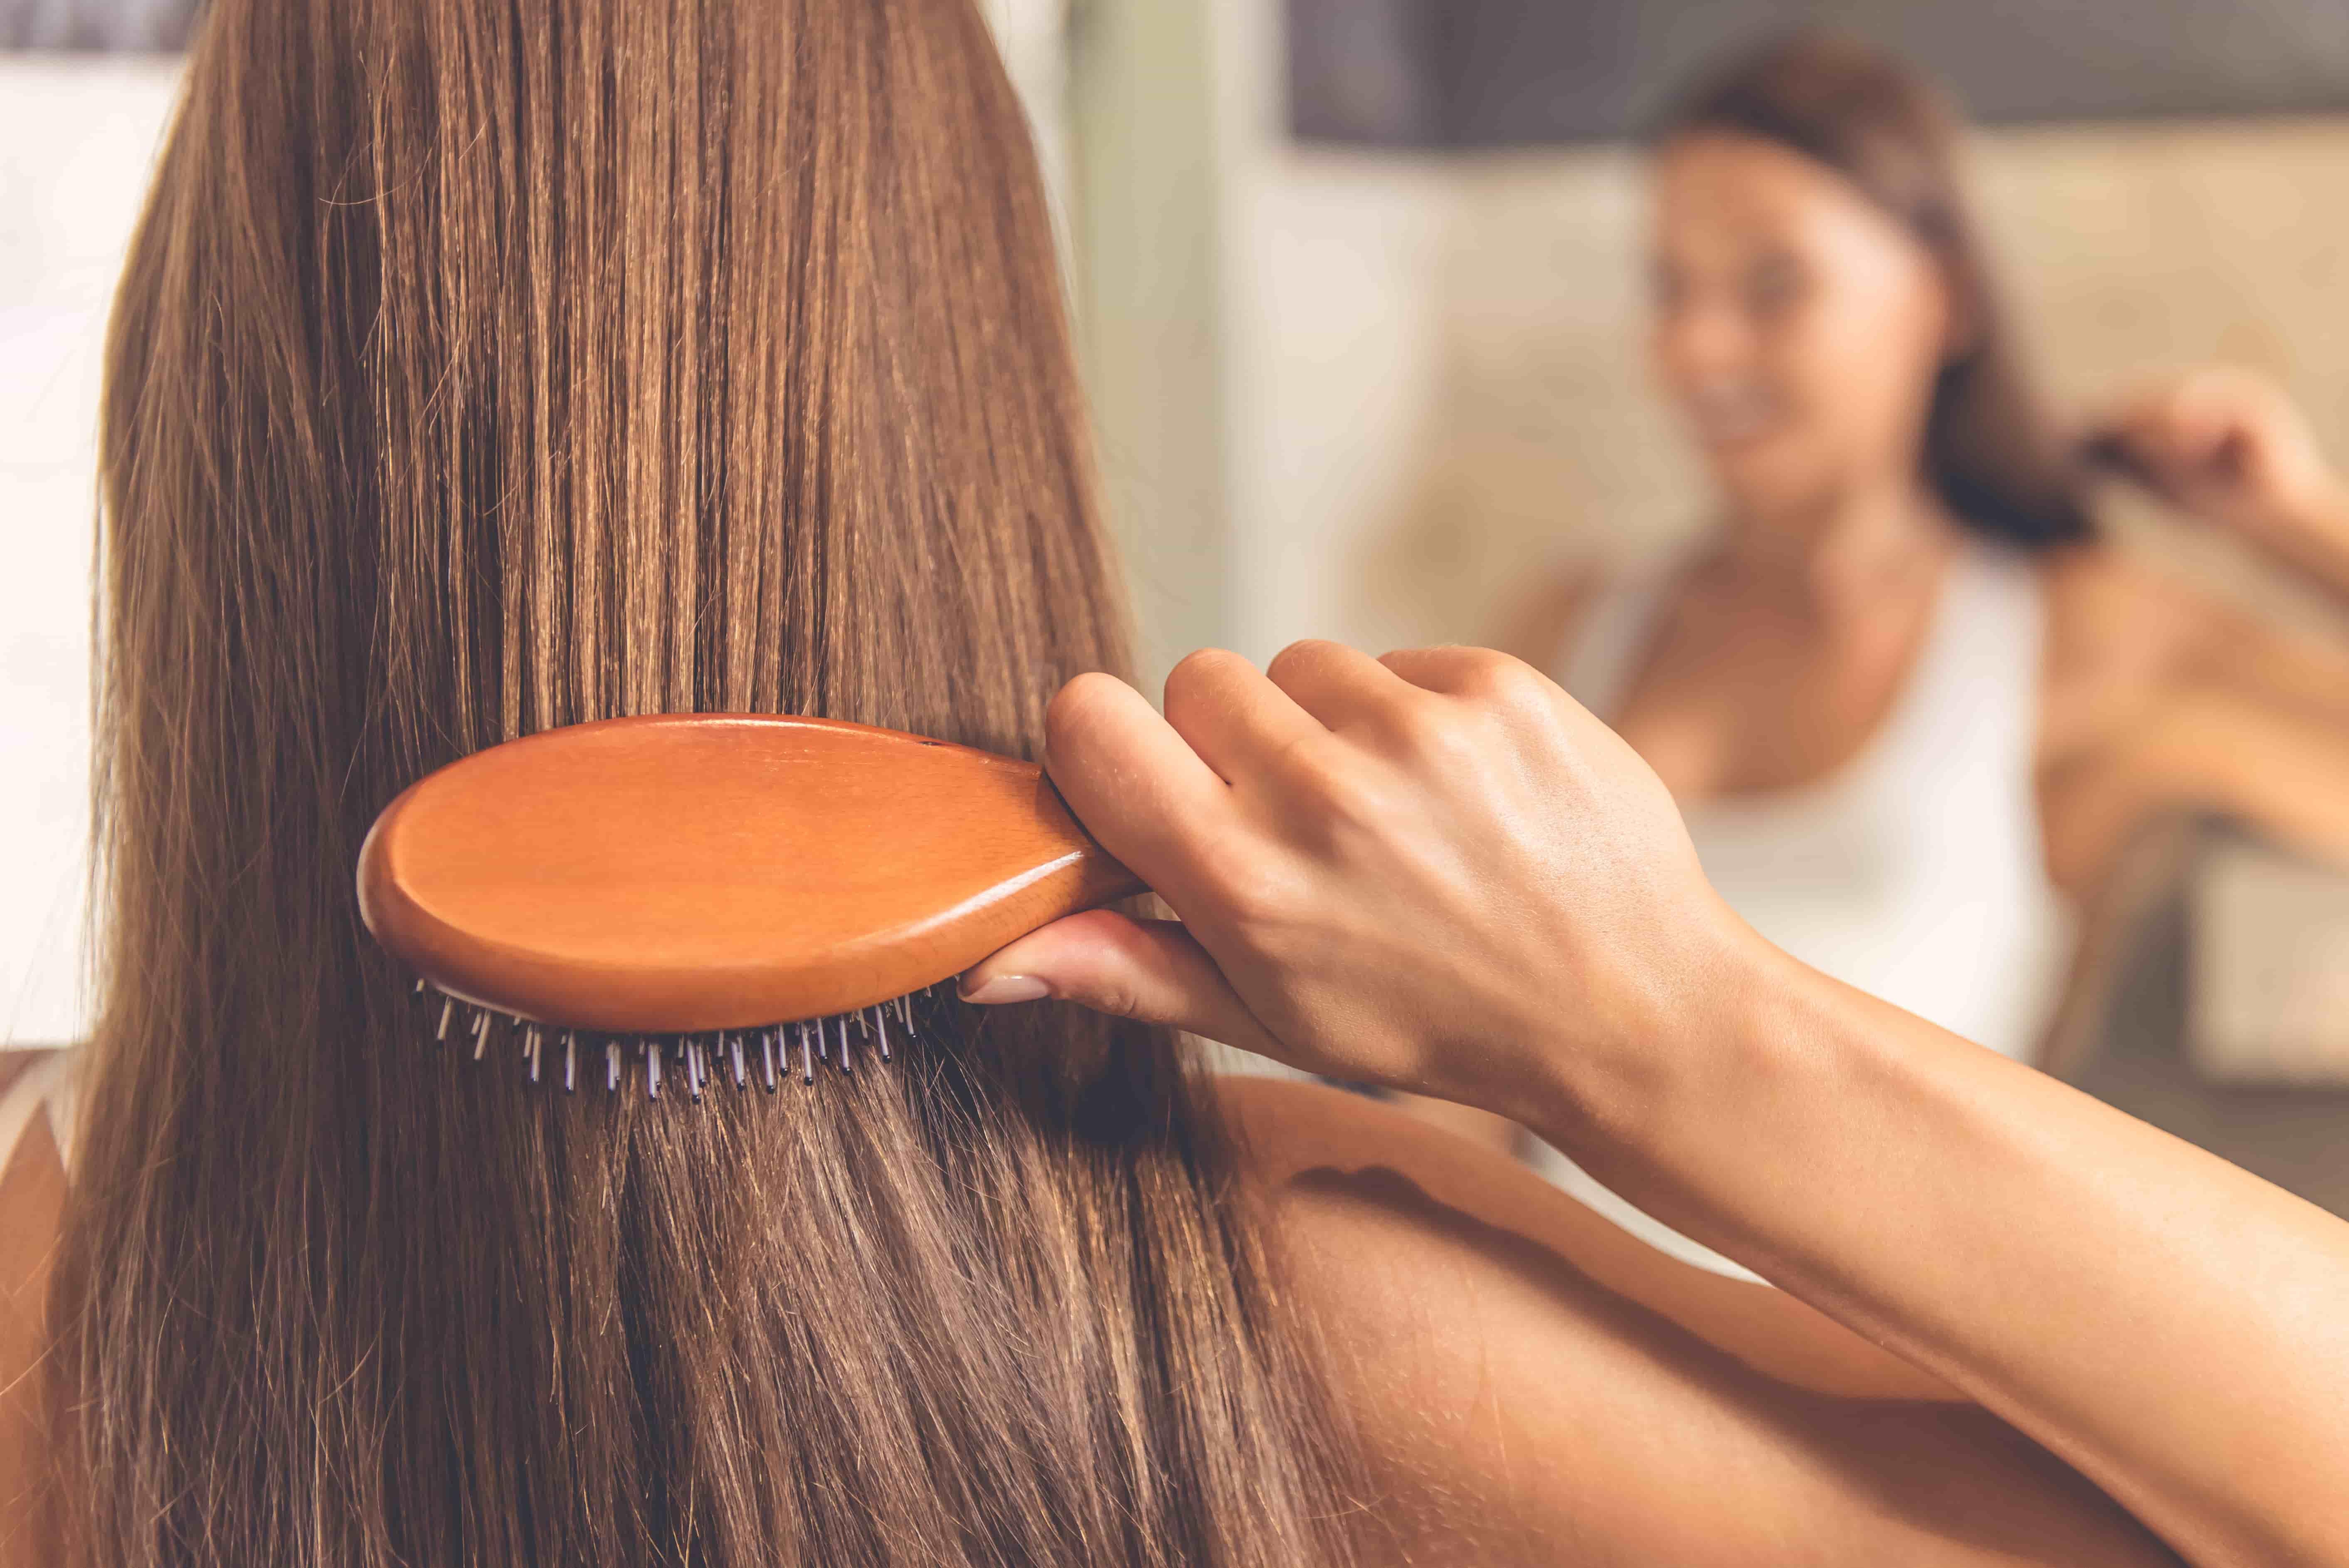 <p> ▲正確梳頭能夠幫助頭皮舒壓。(圖/Shutterstock)</p>